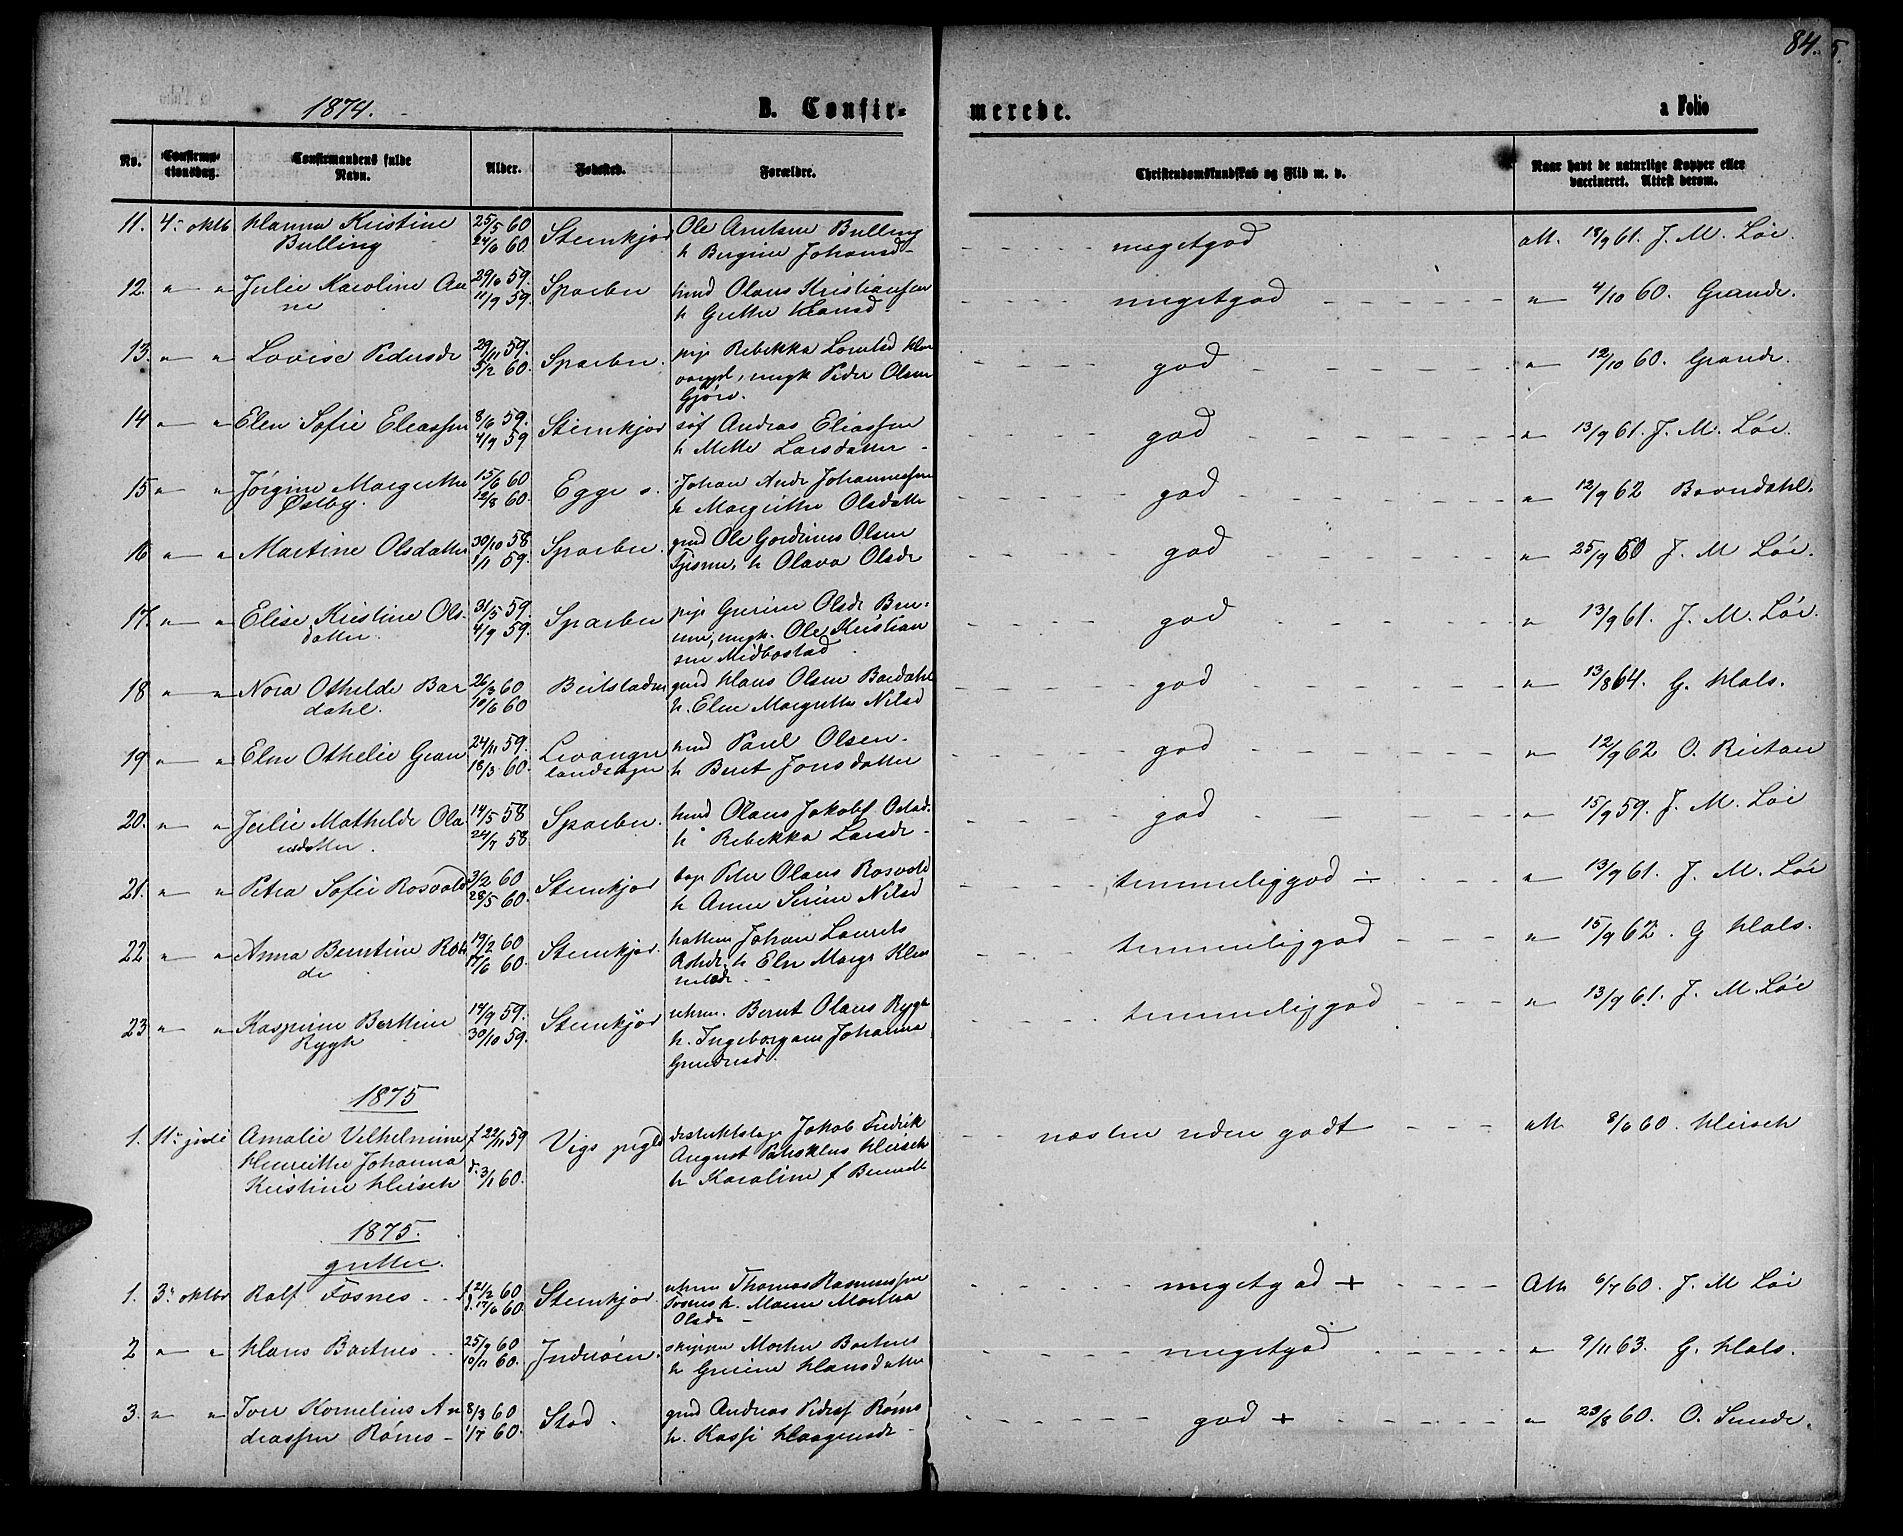 SAT, Ministerialprotokoller, klokkerbøker og fødselsregistre - Nord-Trøndelag, 739/L0373: Klokkerbok nr. 739C01, 1865-1882, s. 84